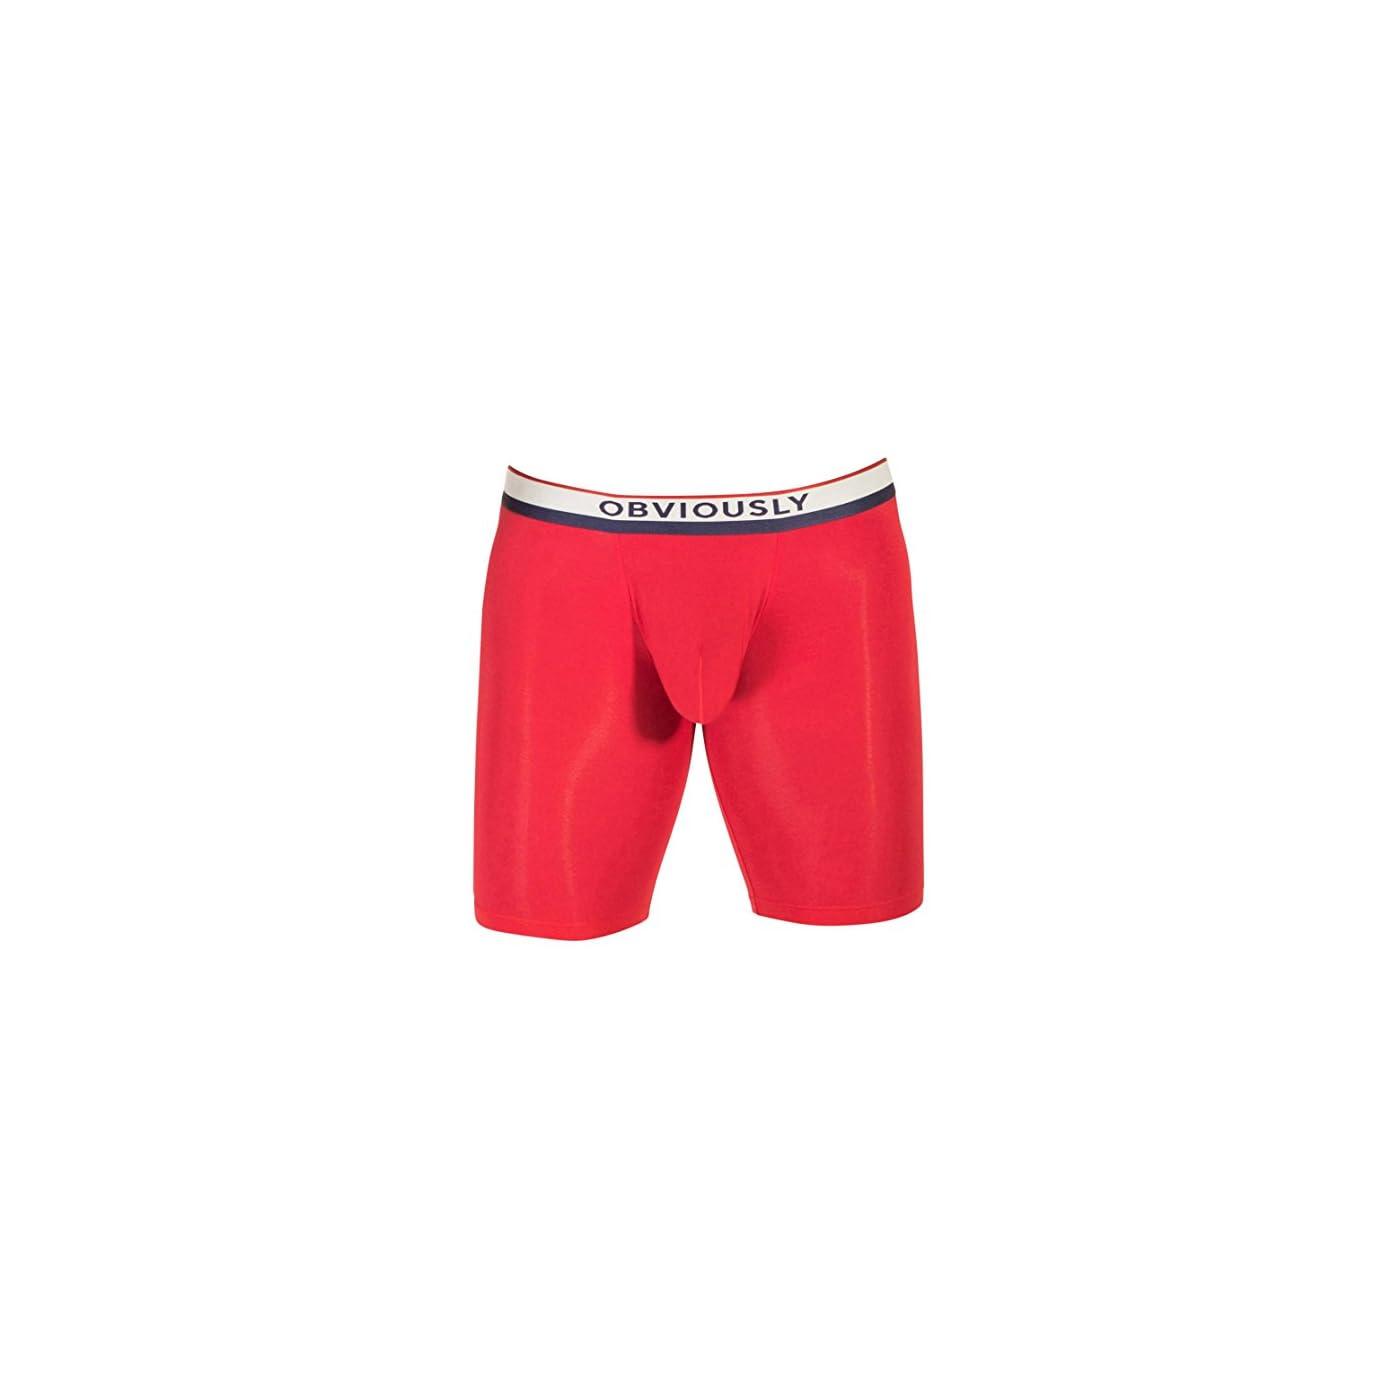 c30b6dd097ea81 1 Underwear Brand